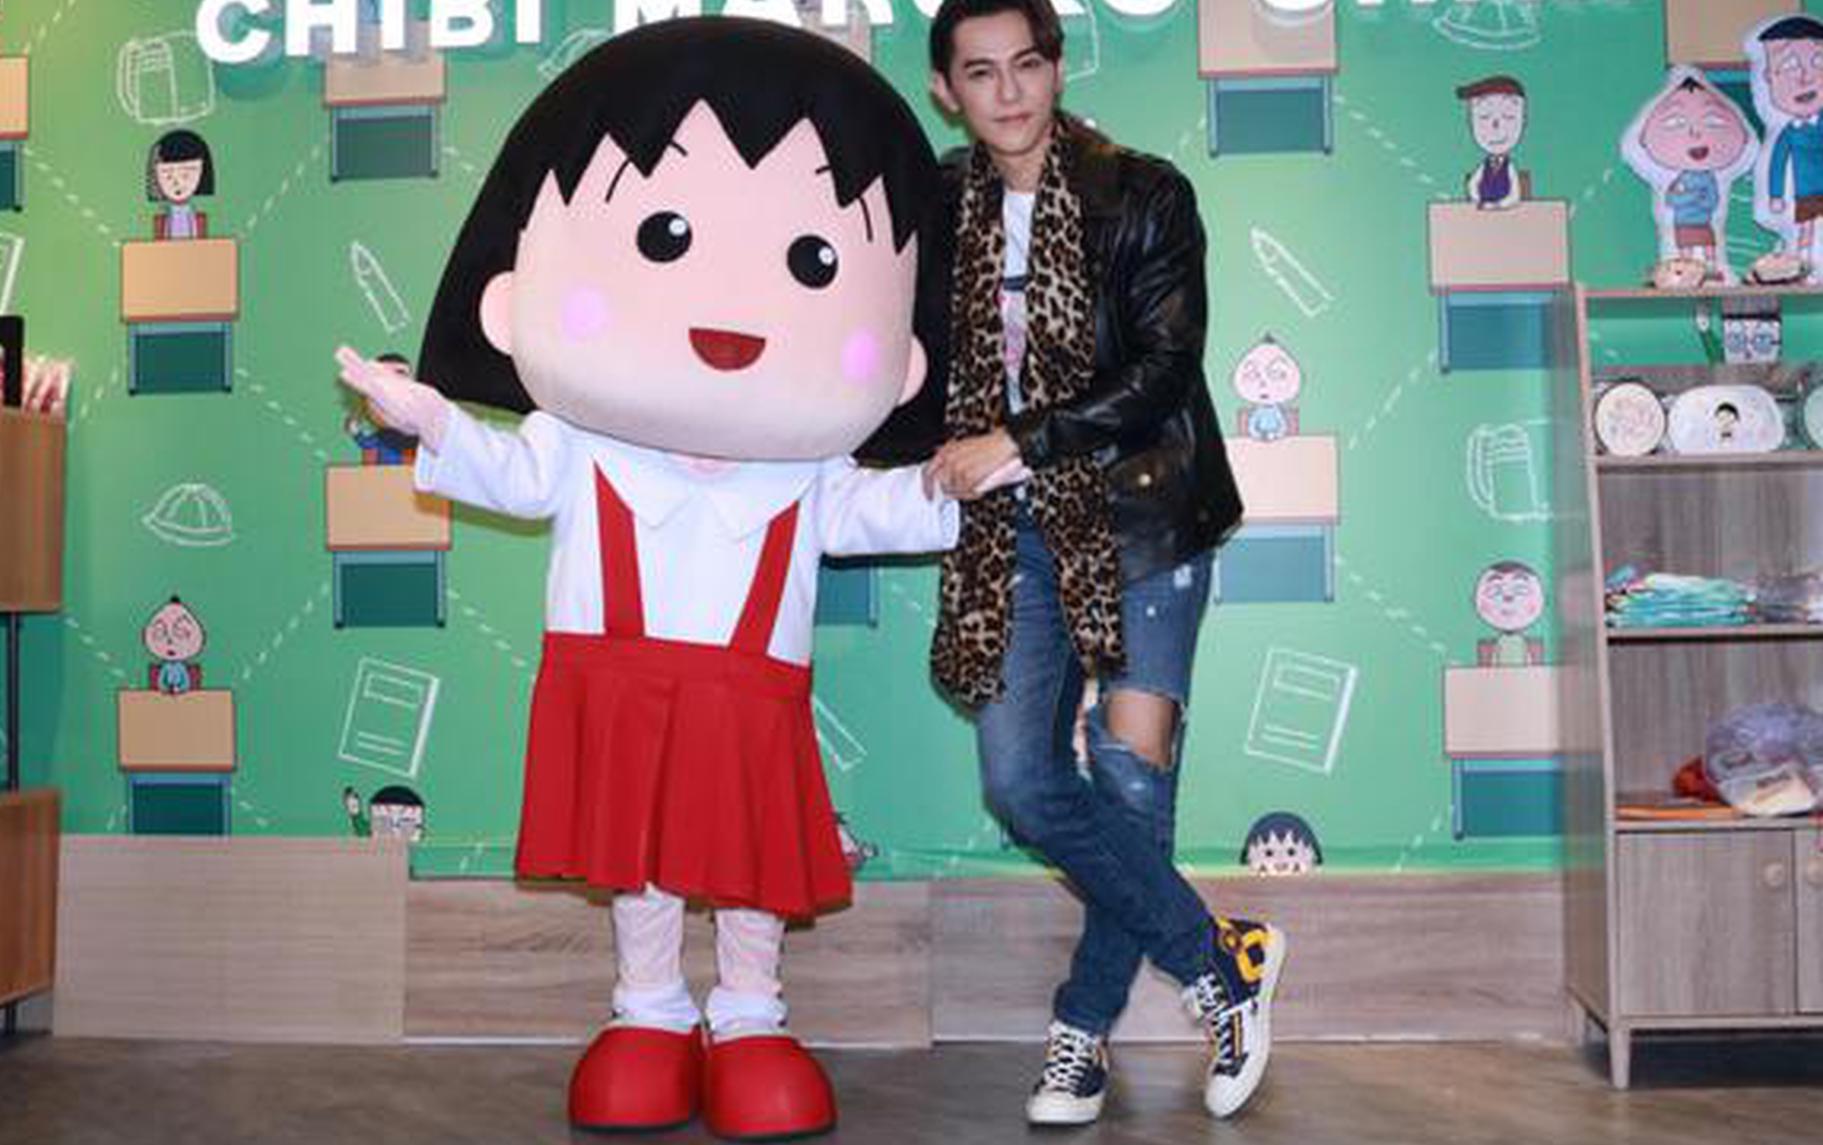 汪东城27日在台北出席樱桃小丸子专门店一日店长活动。